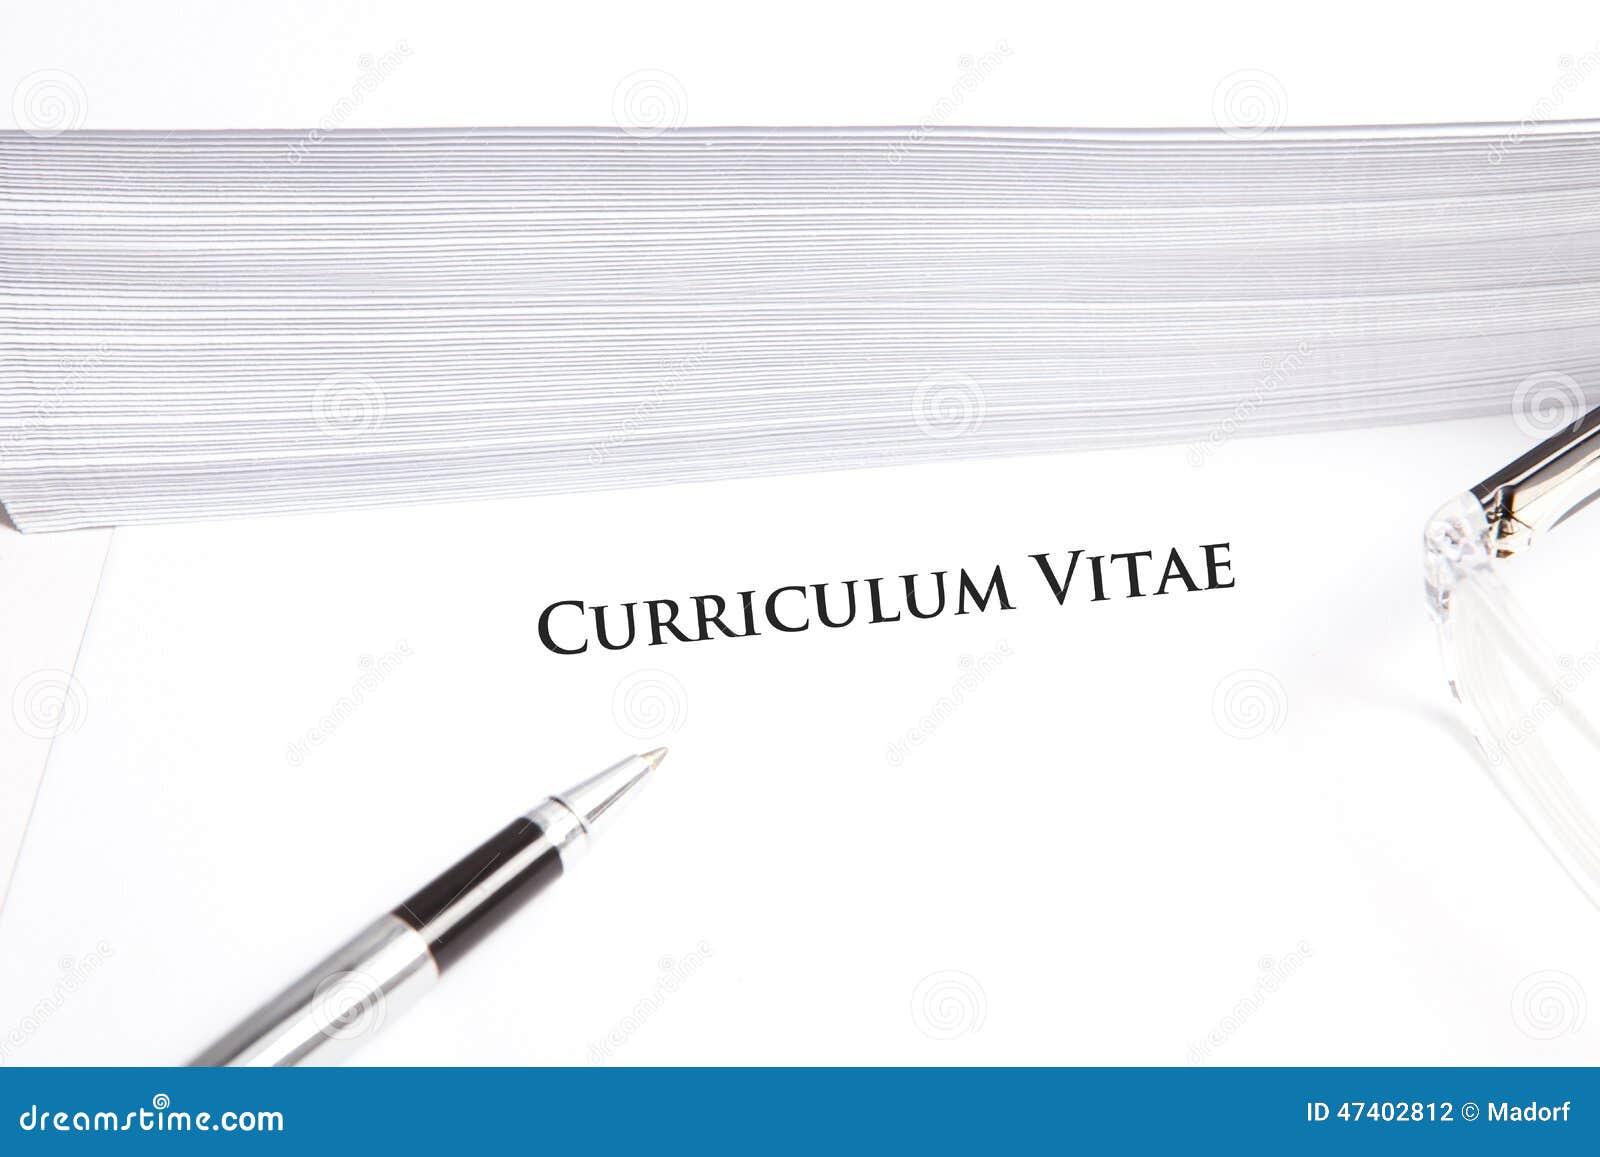 Curriculum Vitae Con El Espacio Vacio Del Texto En El Documento